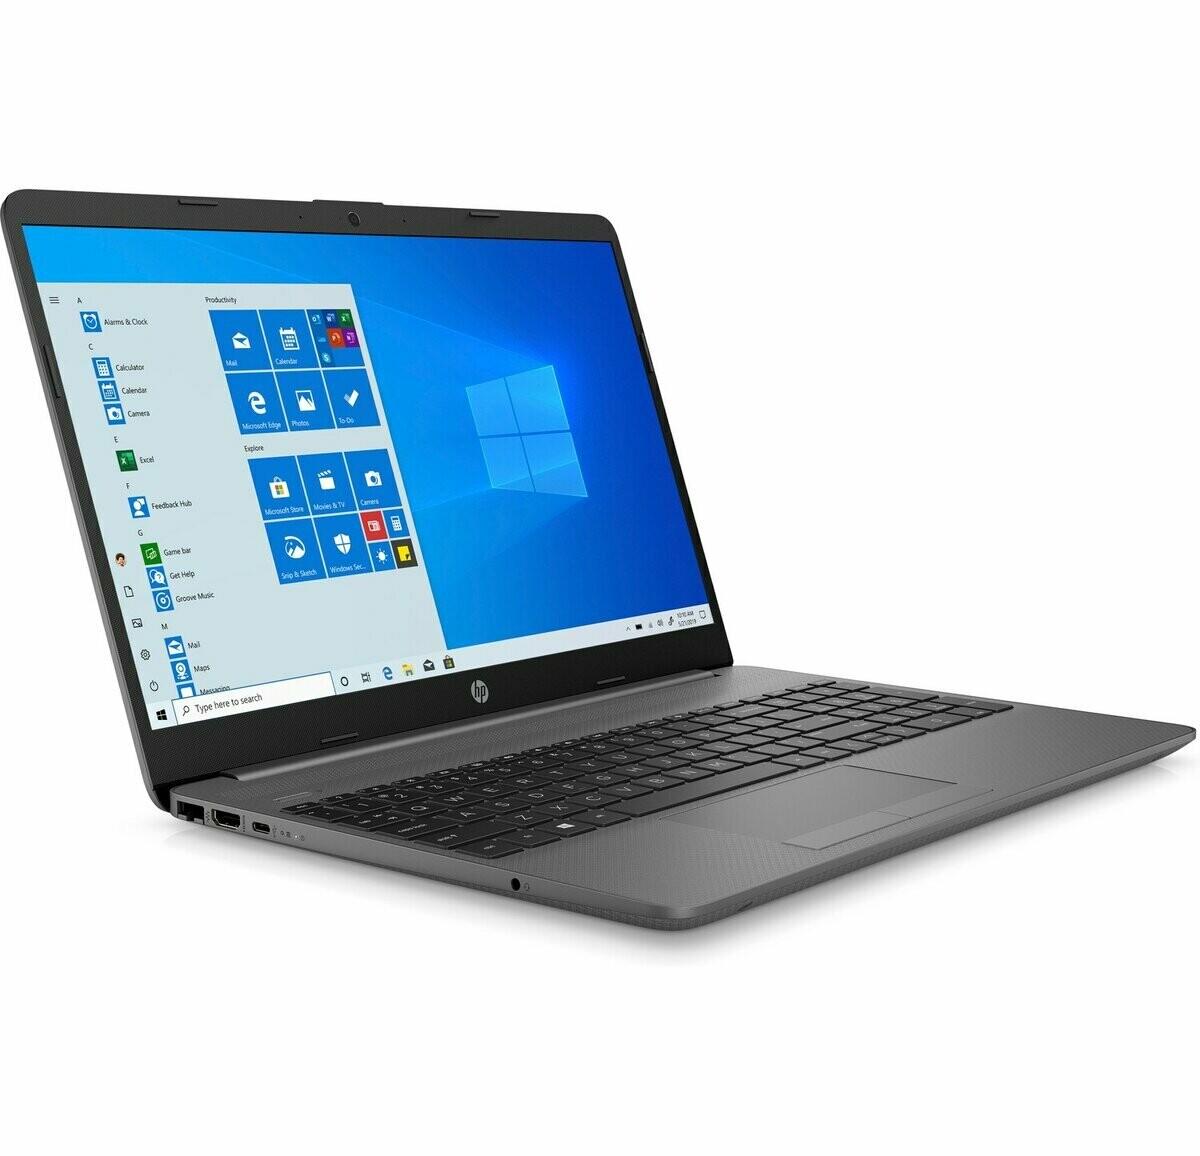 Notebook HP i3 Model 2B105LA#ABM